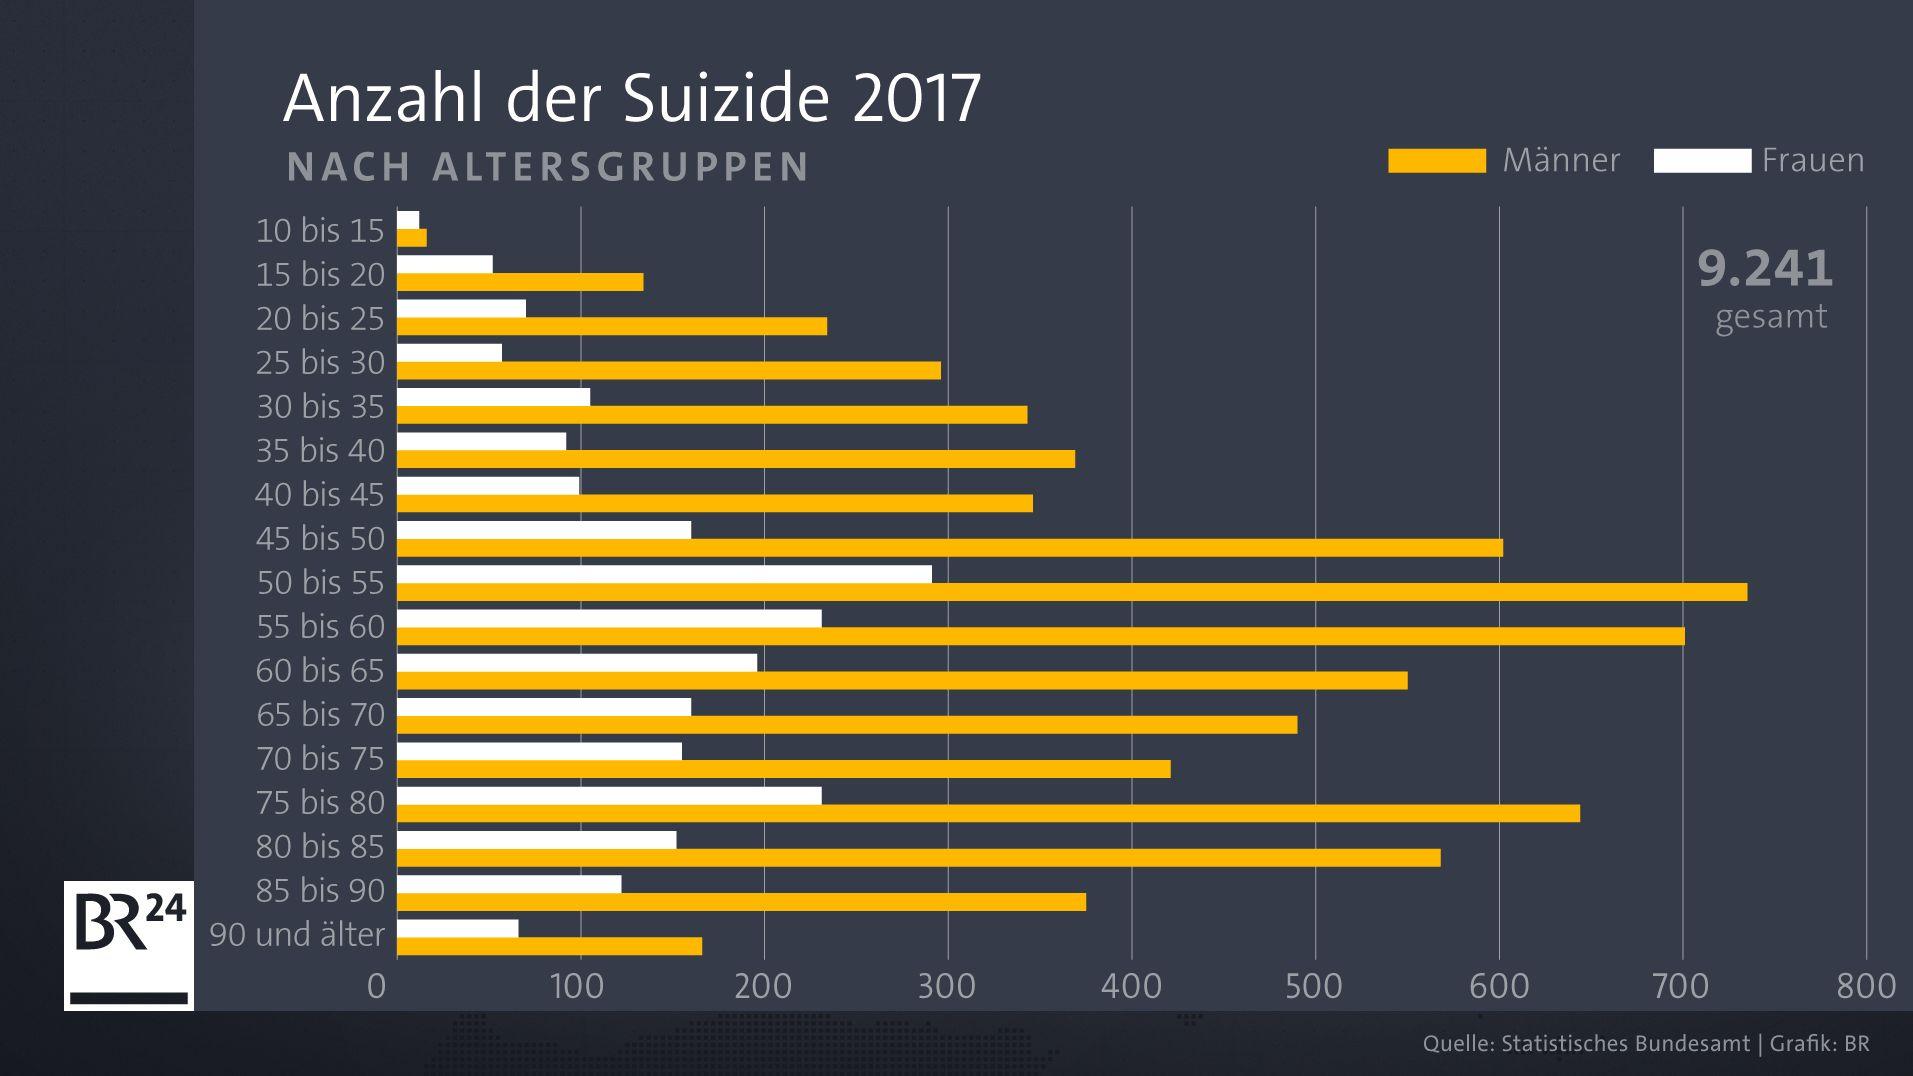 Zahl der Suizide nach Geschlecht 2017